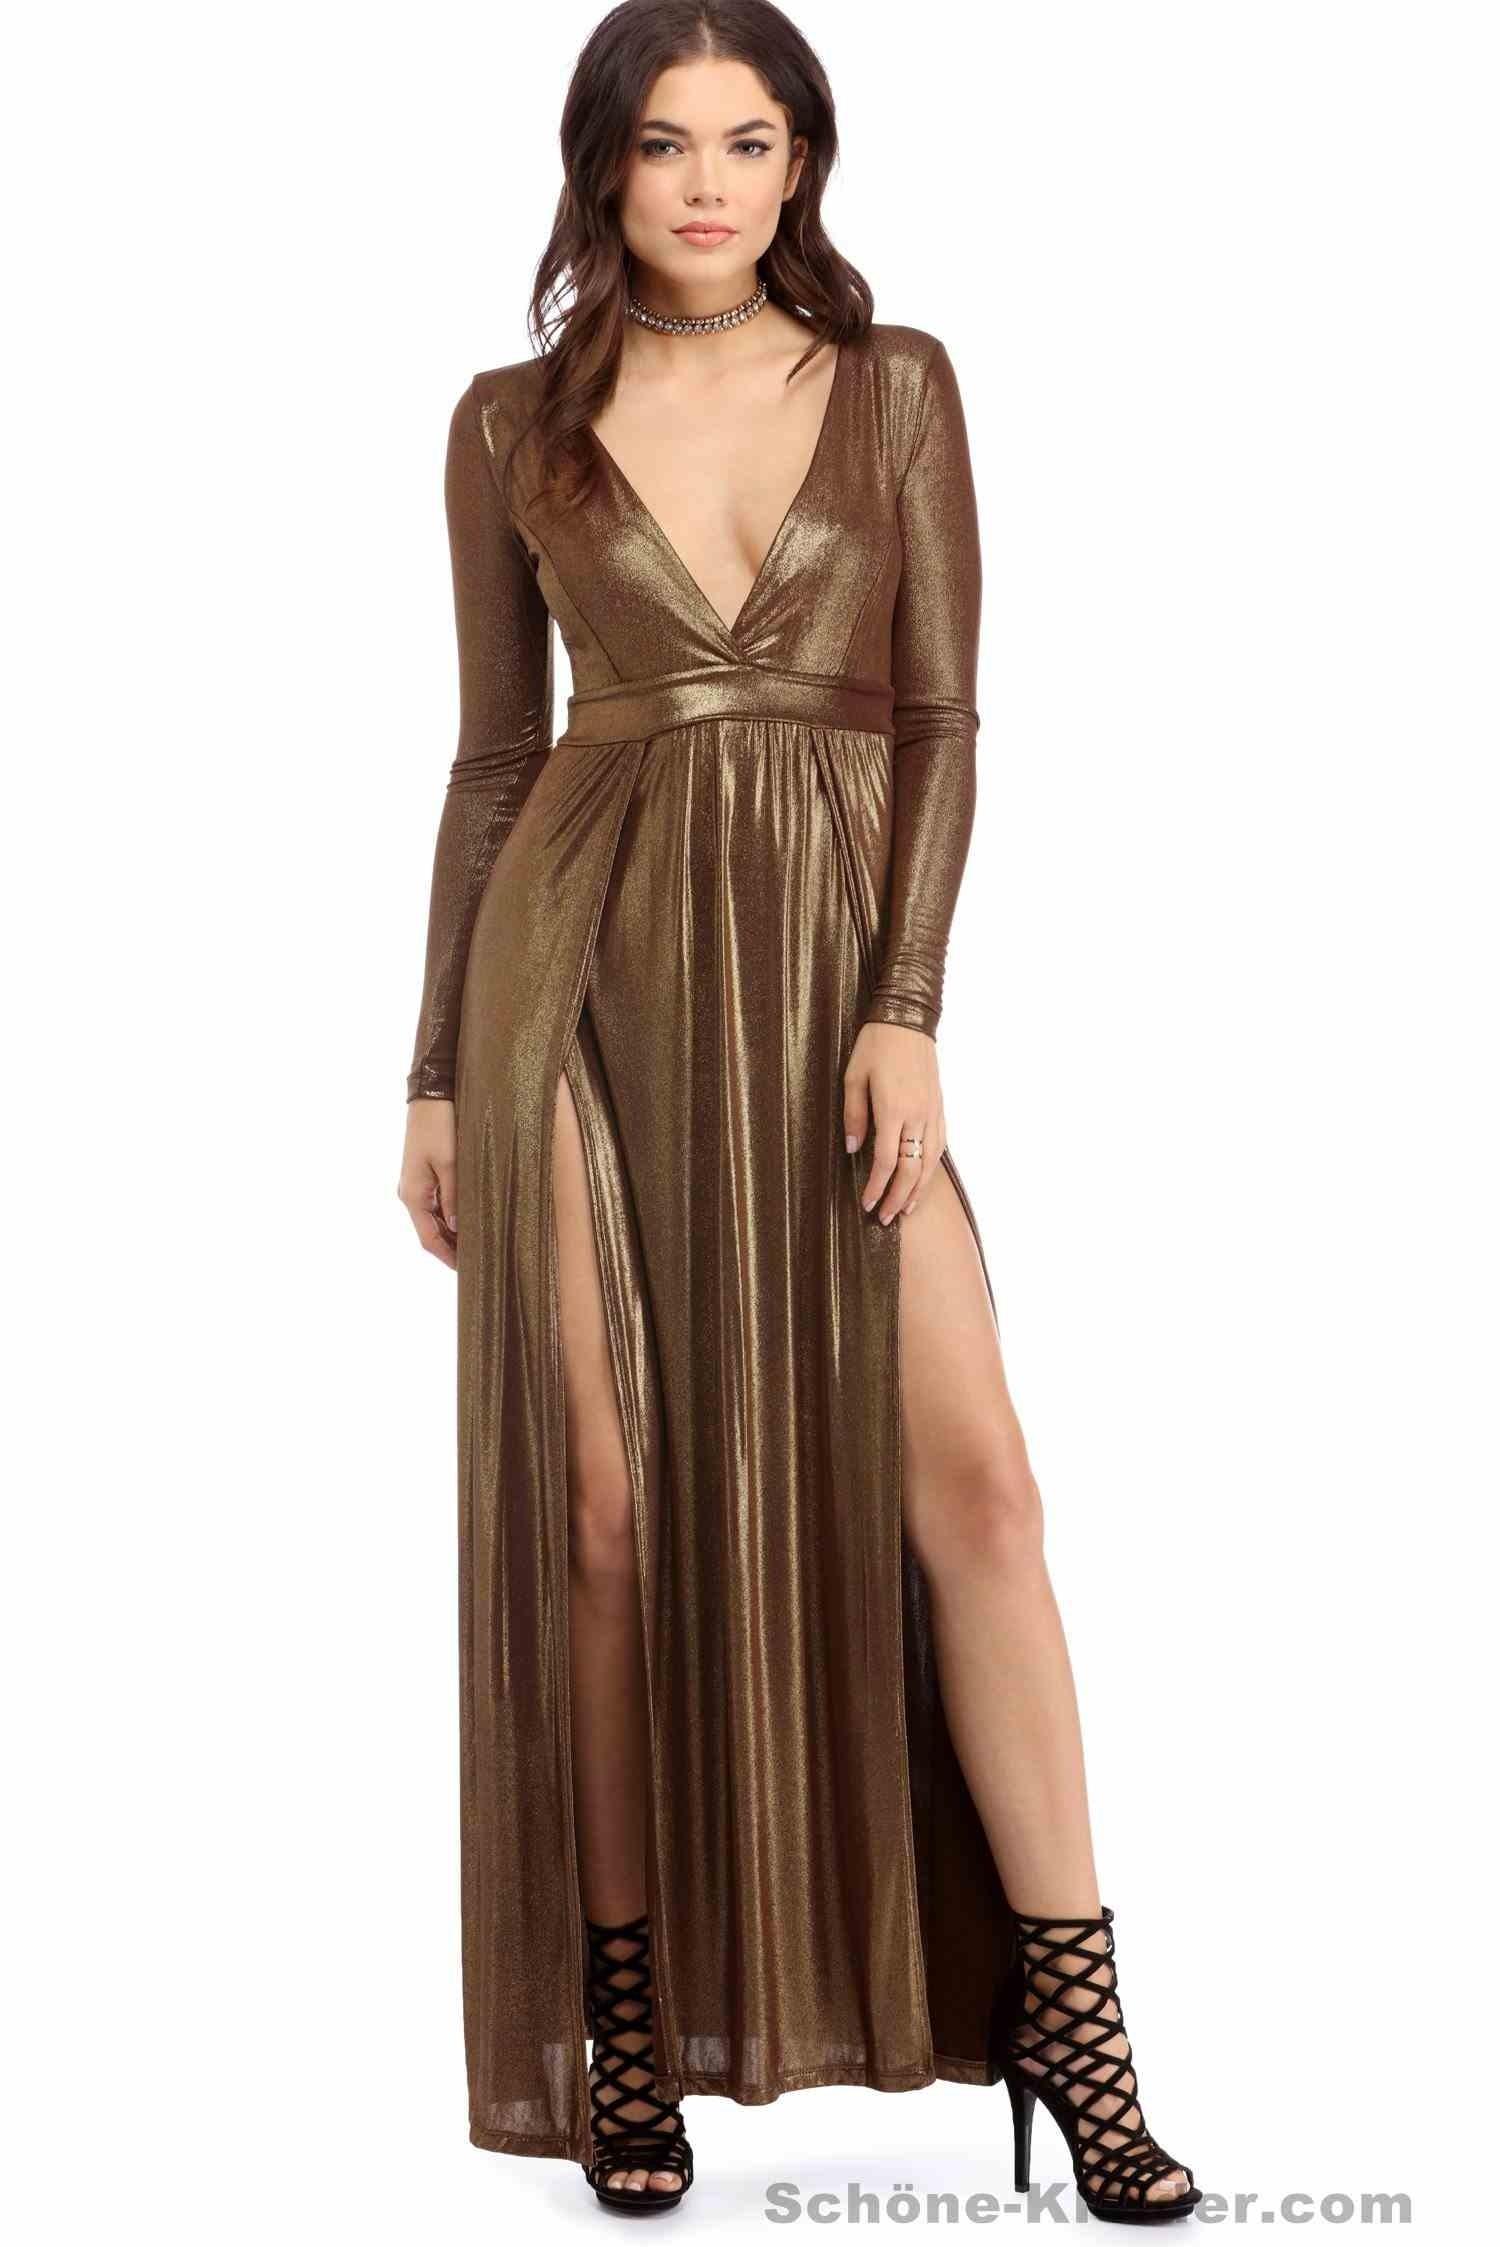 Luxus Lange Kleider Abendkleider für 201917 Cool Lange Kleider Abendkleider Spezialgebiet